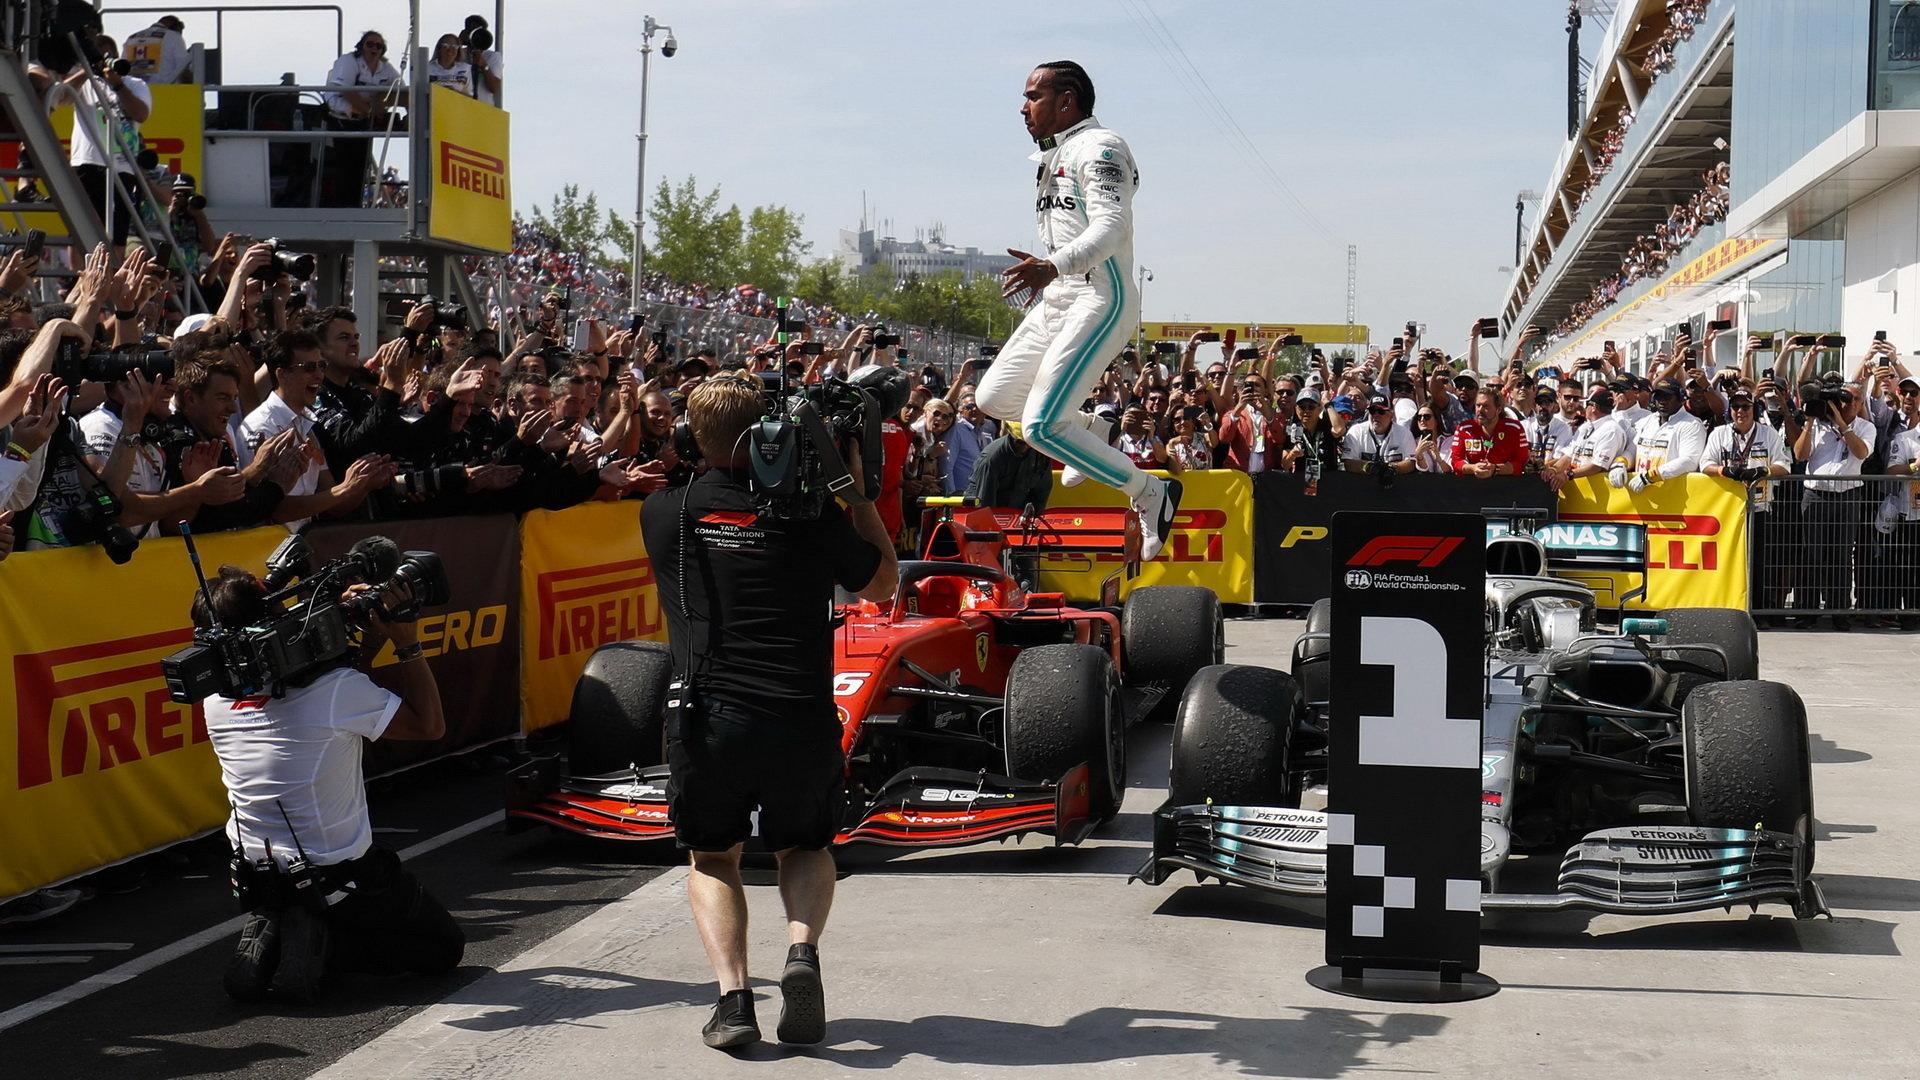 Reakce Lewise Hamiltona na vítězství, které takto získat nechtěl